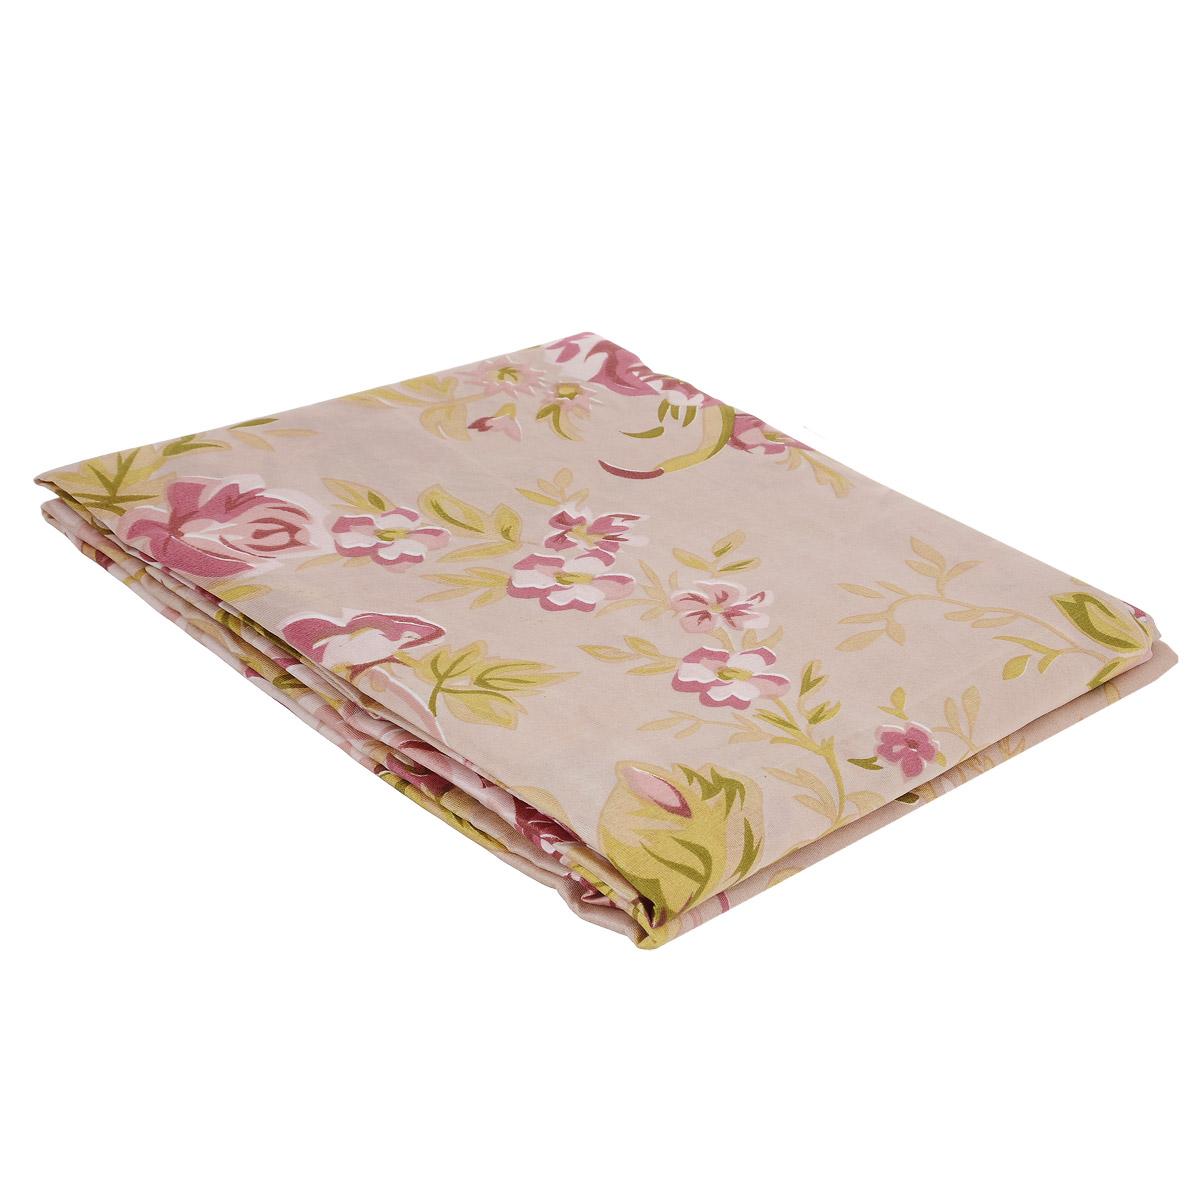 Комплект штор Ноты счастья, на петлях, цвет: розовый, зеленый, высота 220 смШпнс-140-220-2Роскошный комплект штор Ноты счастья, выполненный из текстиля, великолепно украсит любое окно. Комплект состоит из двух штор. Шторы выполнены из непрозрачной ткани средней плотности и декорированы изящным цветочным рисунком.Оригинальный дизайн и нежная цветовая гамма привлекут к себе внимание и органично впишутся в интерьер комнаты. Все предметы комплекта - на петлях.